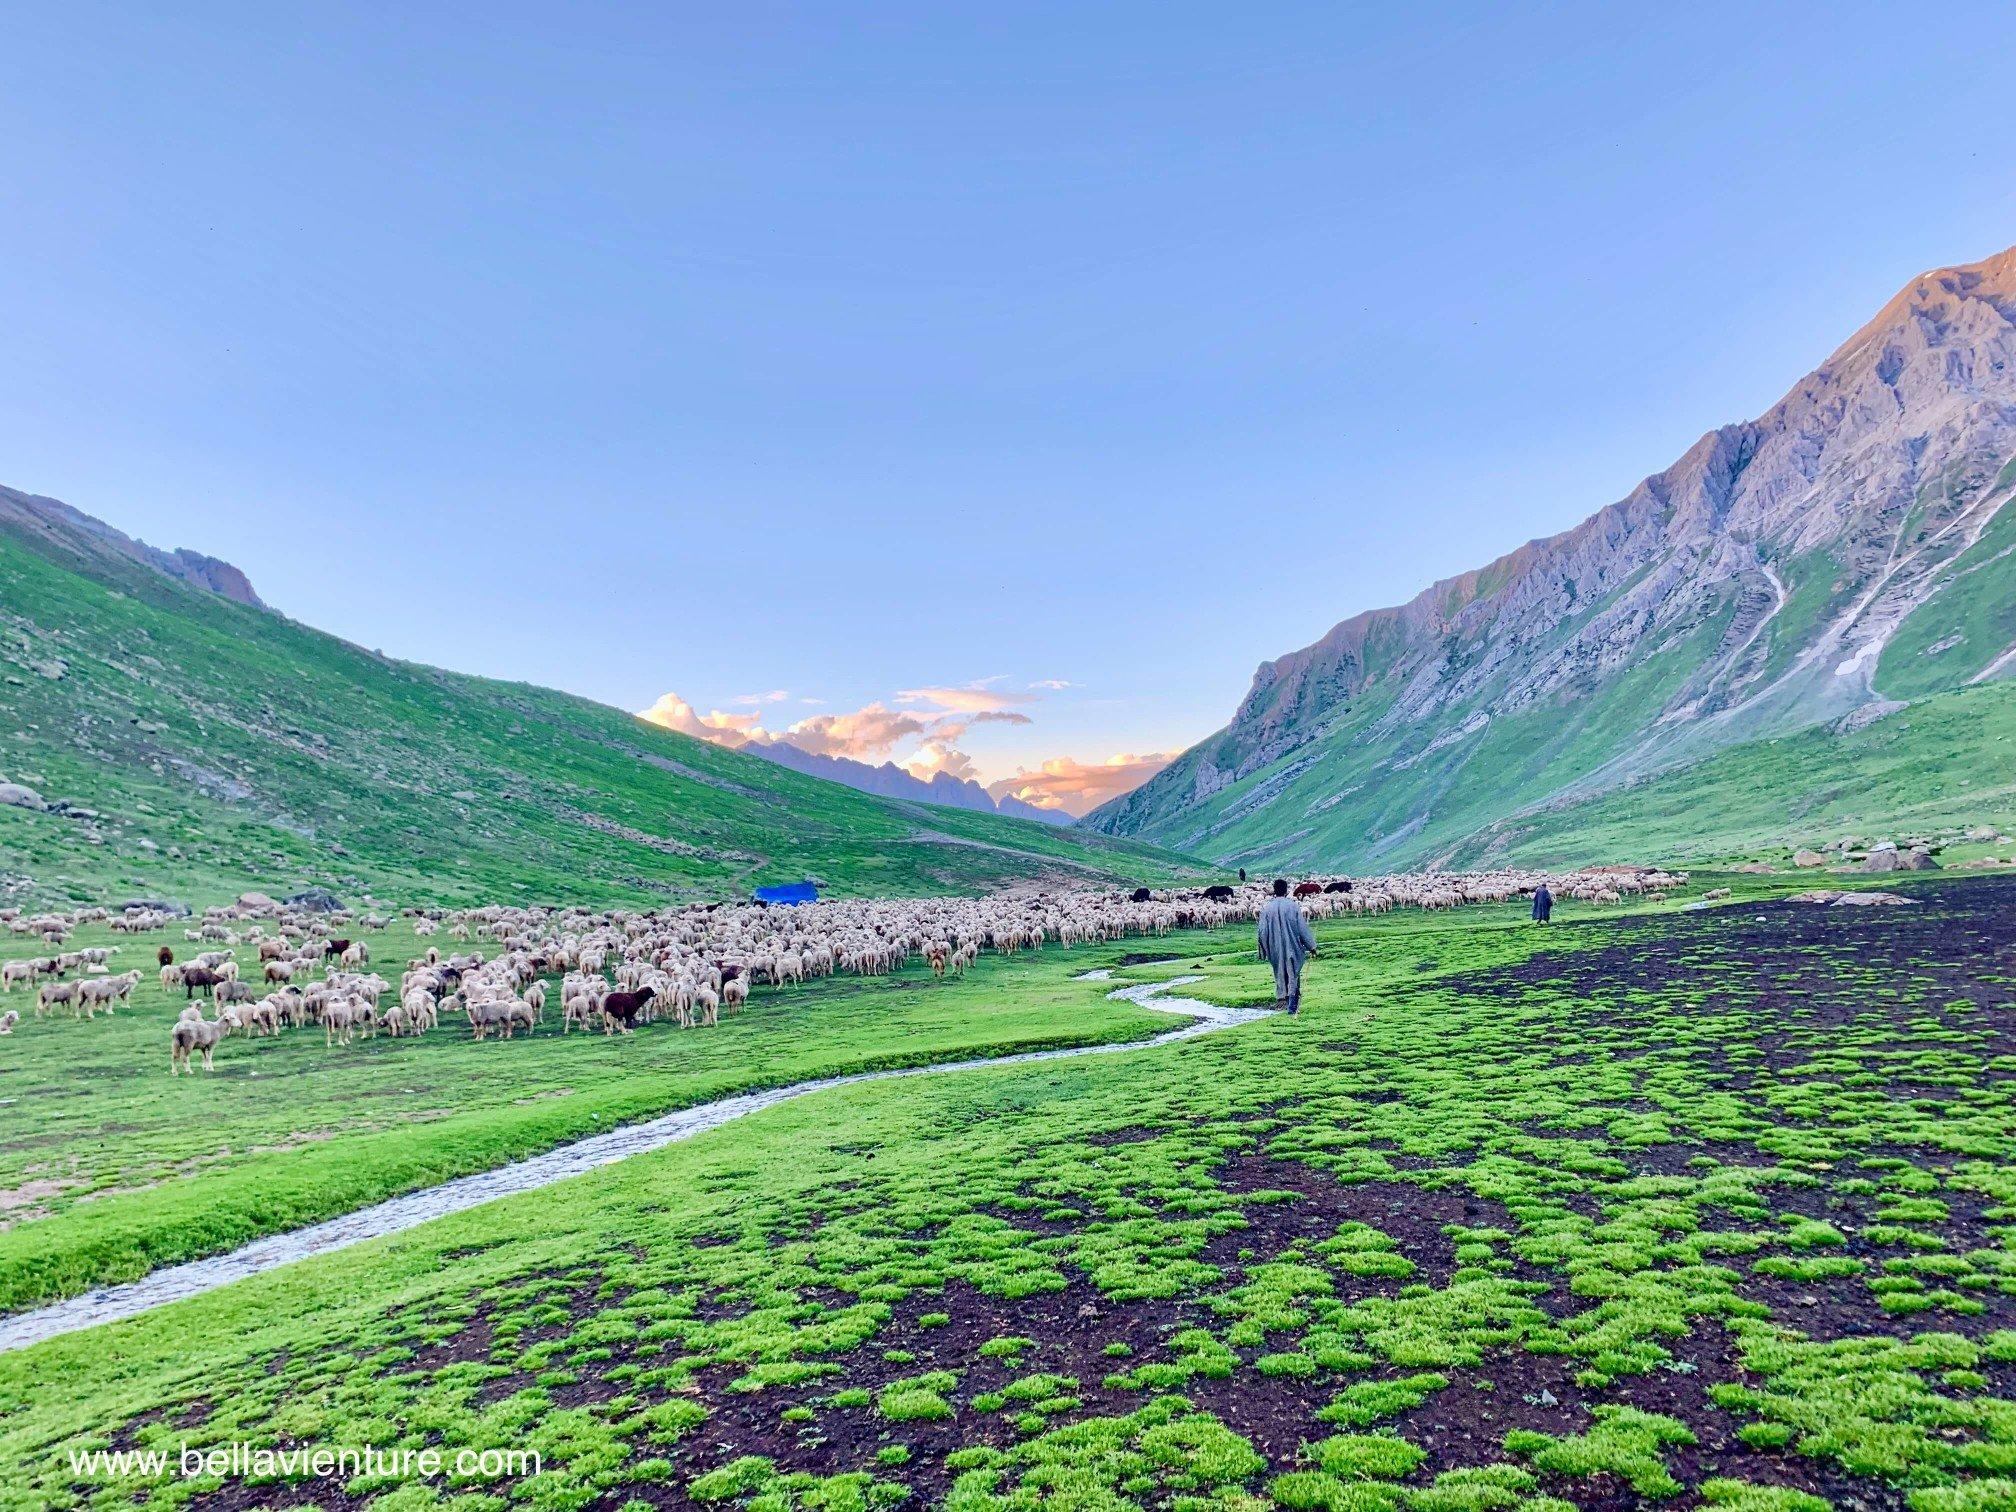 印度 India 北北印 North India 喀什米爾  Kashmir 八天七夜 健行 Nichnai Valley 傍晚的山谷與千隻羊群